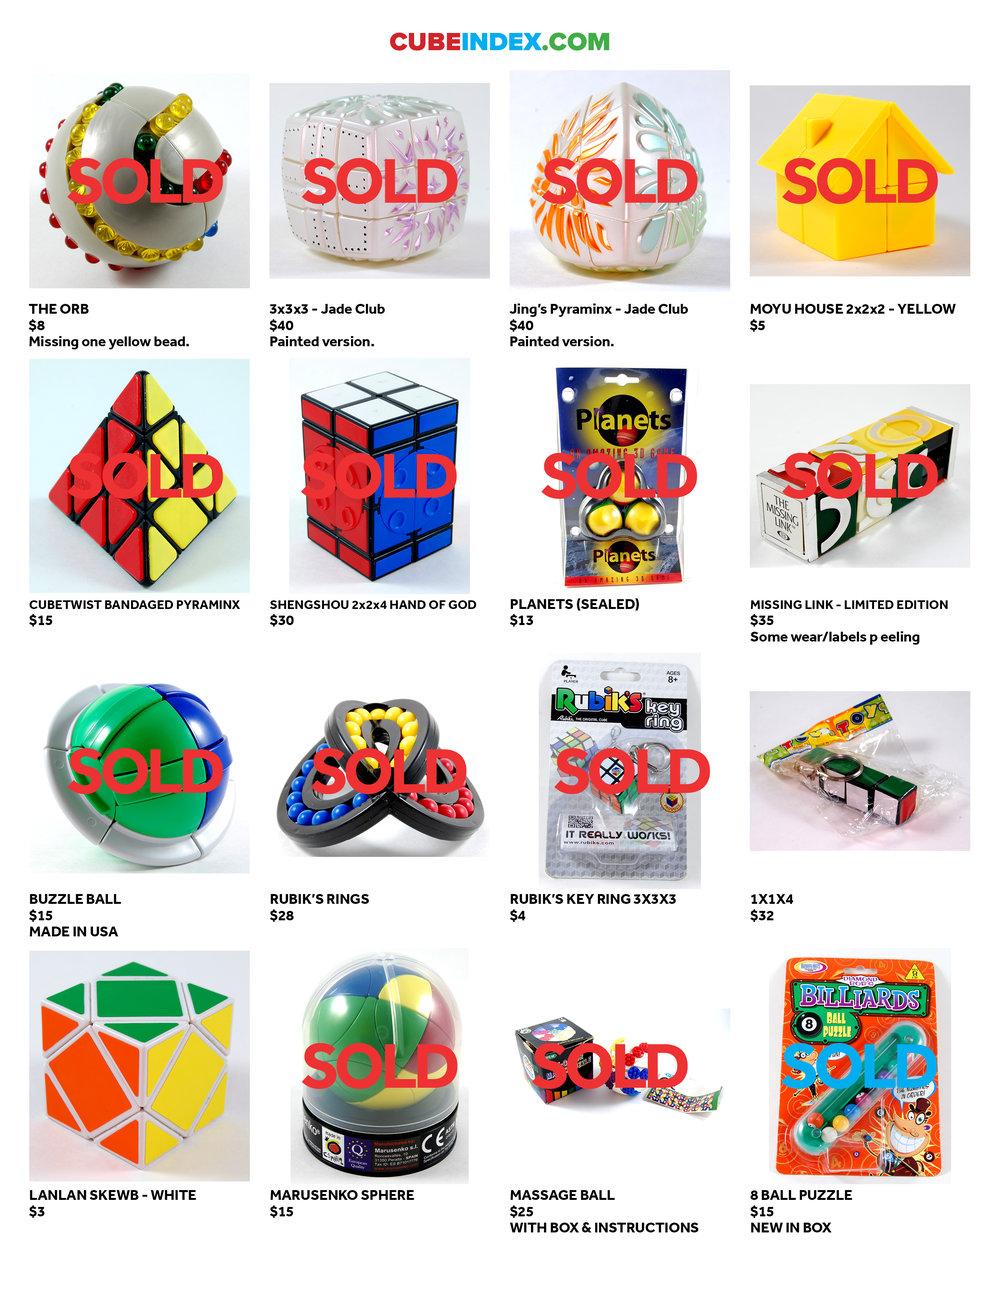 cube-index-for-sale-catalog-april-2017-v517.jpg